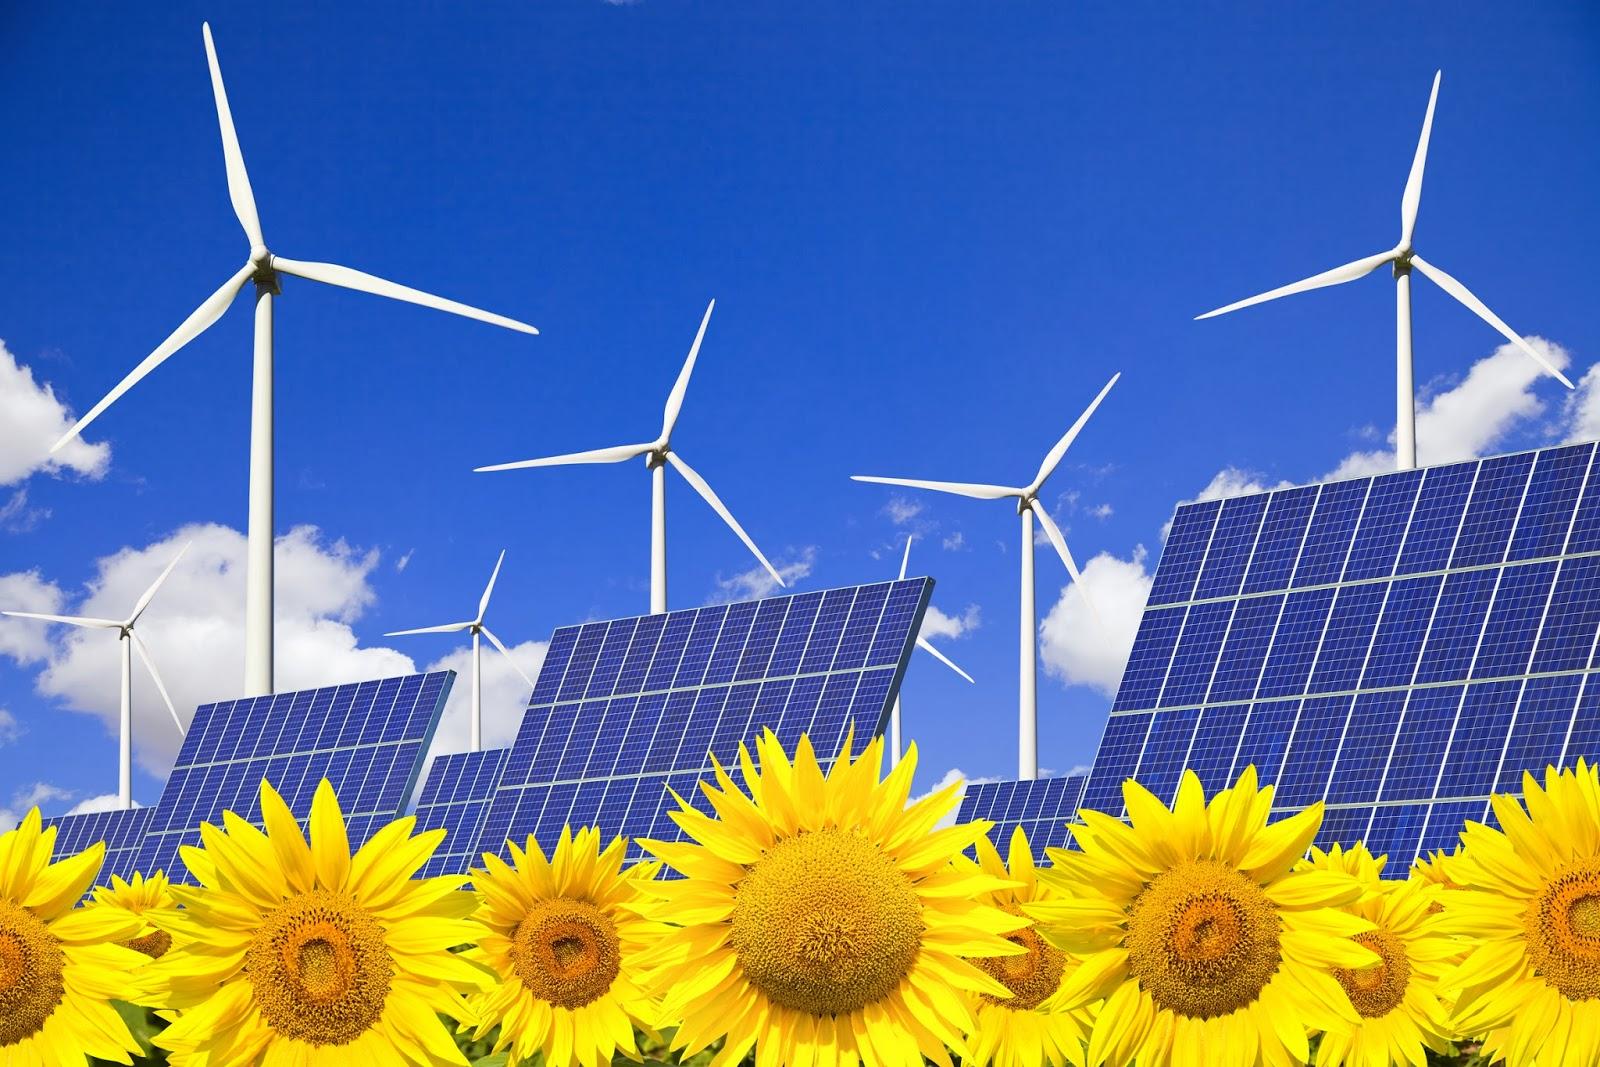 Nergies fossiles et nergies renouvelables for Qu est ce qu une energie renouvelable